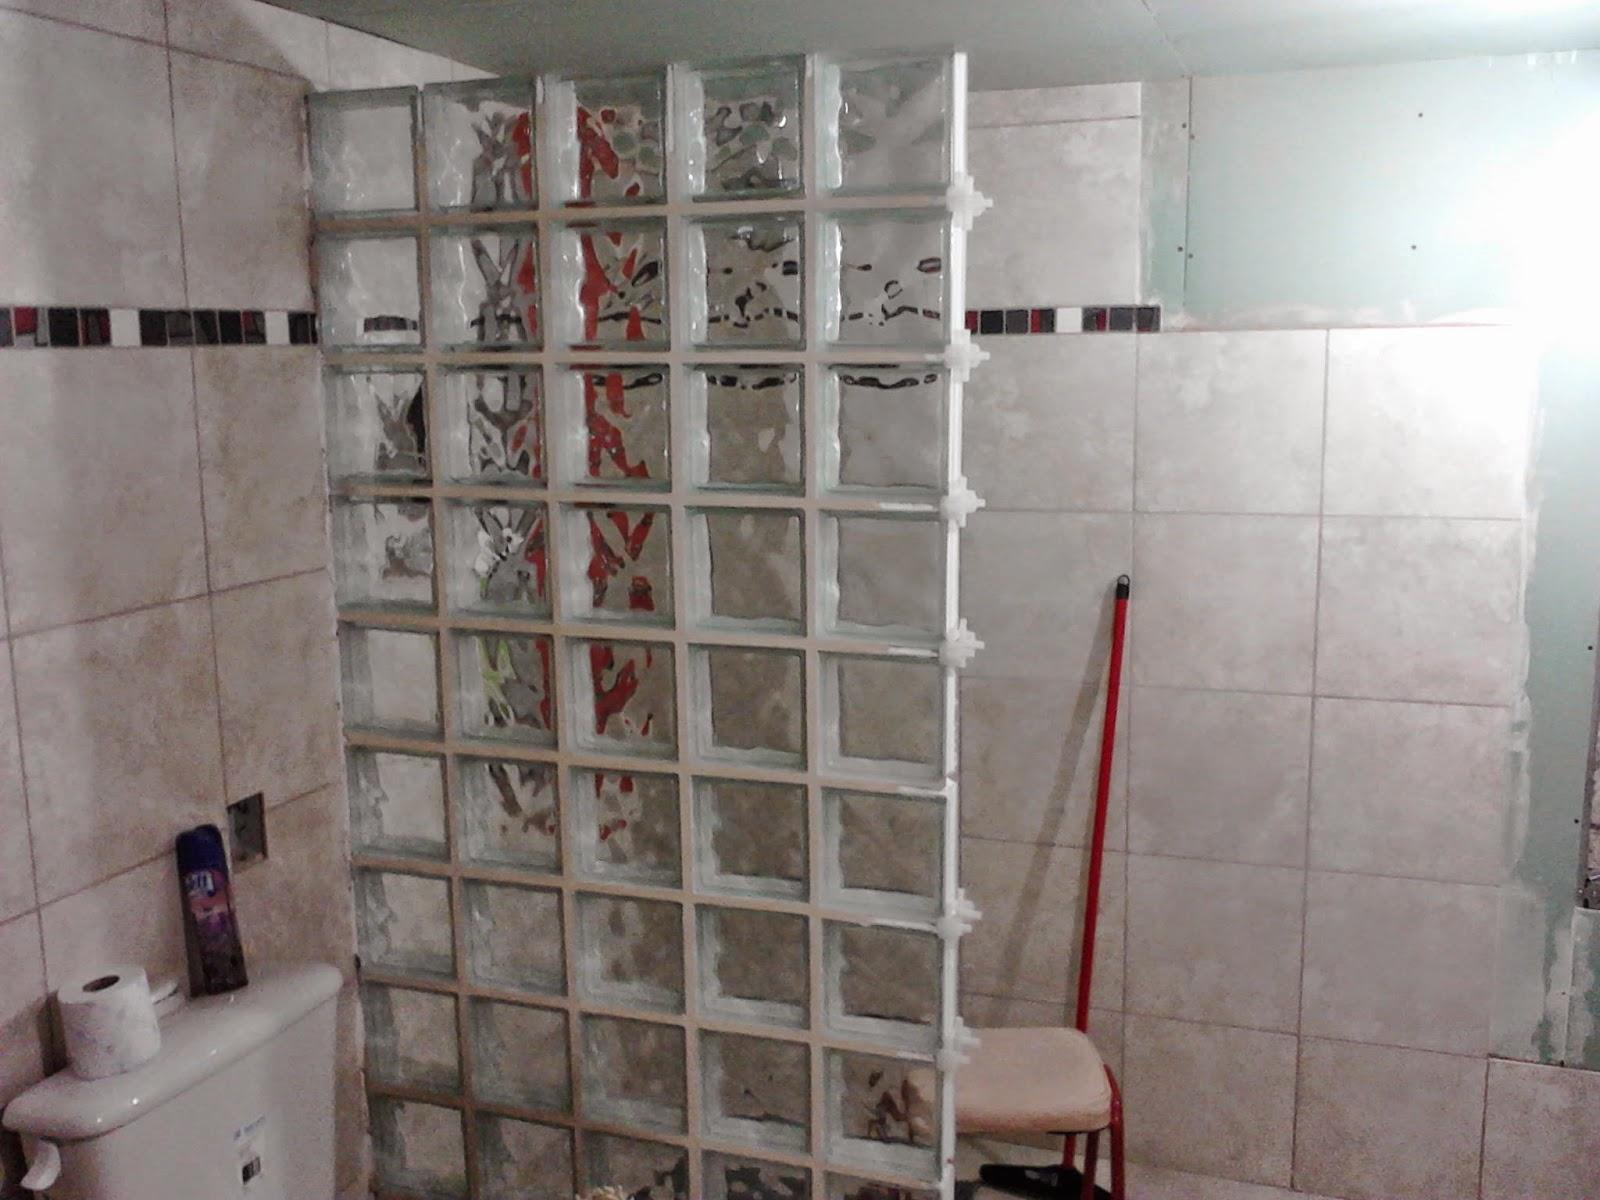 Mamparas de bloques de vidrio materiales de construcci n for Pared de ladrillos falsa